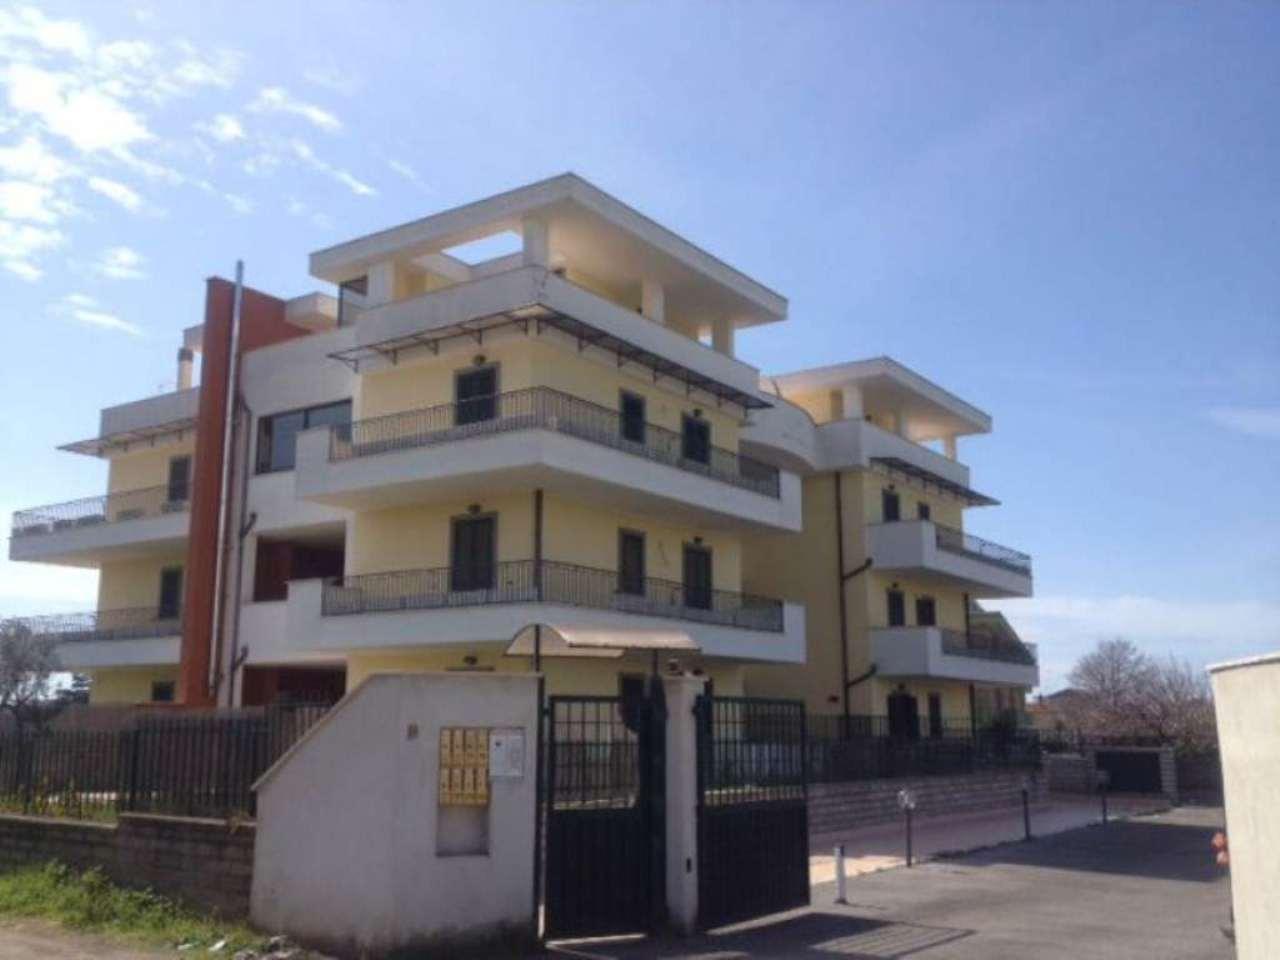 Appartamento in vendita a Nettuno, 3 locali, prezzo € 85.000 | Cambio Casa.it